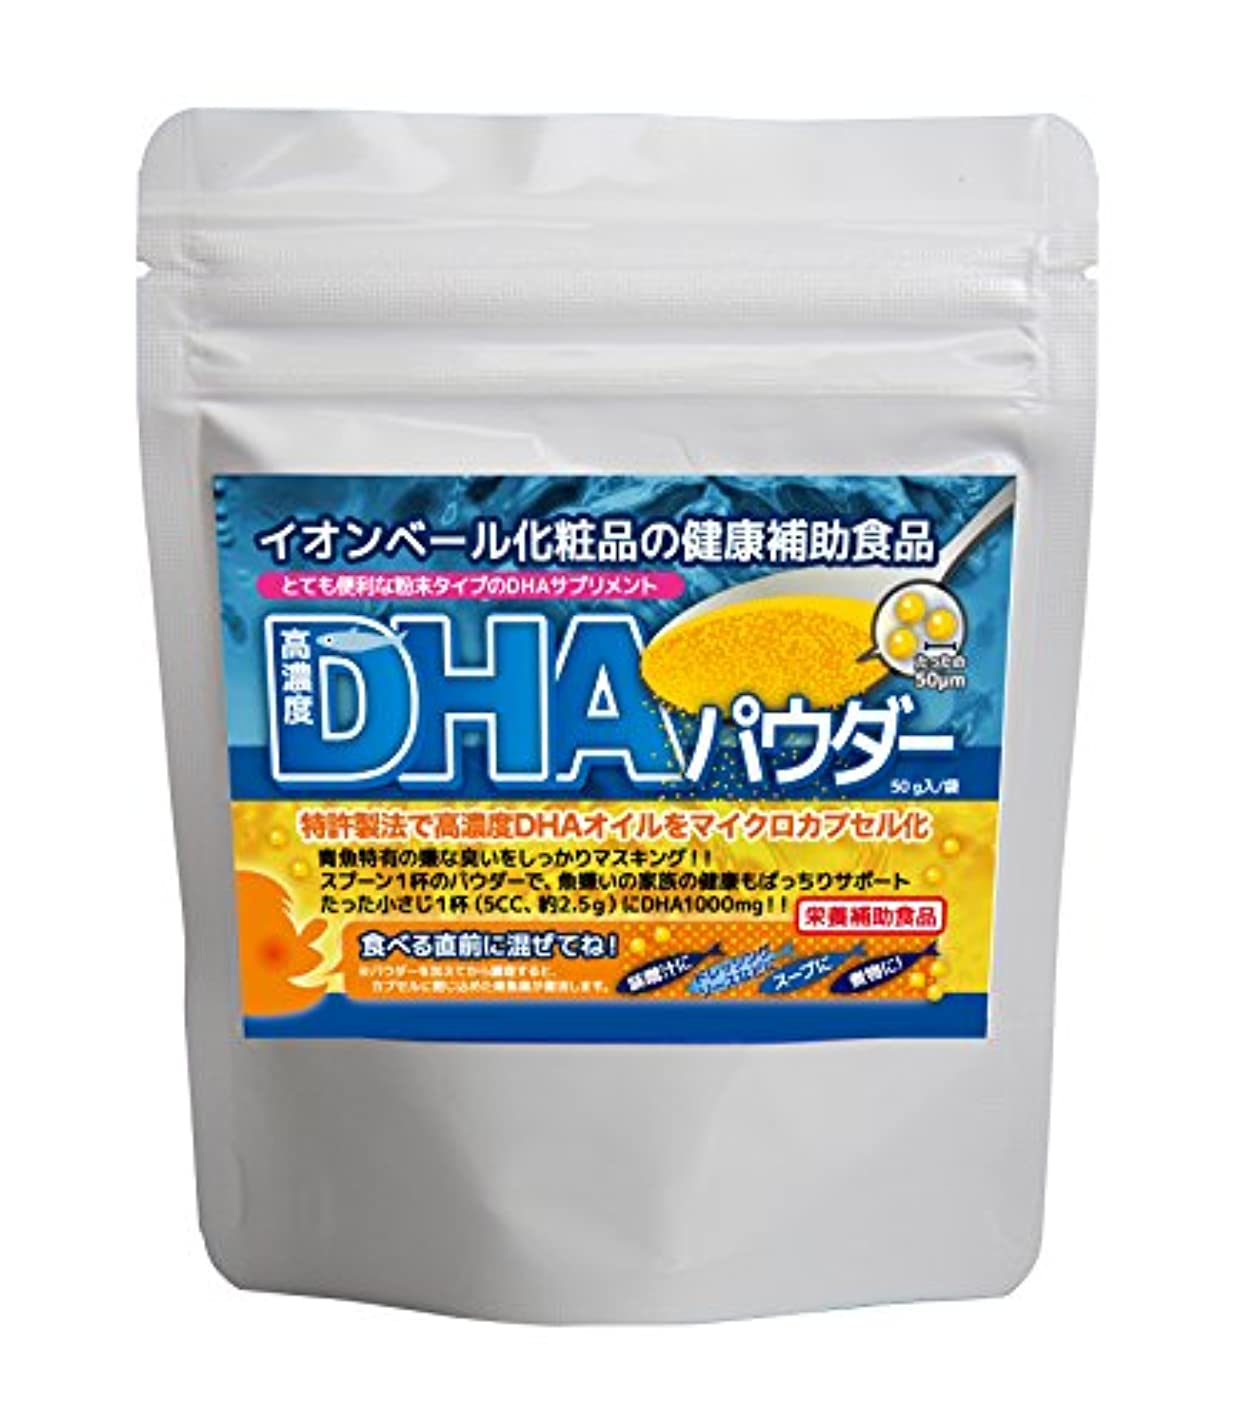 カフェ手配する好色な高濃度DHAパウダー 50g(小さじ1杯でDHAが1000mg)